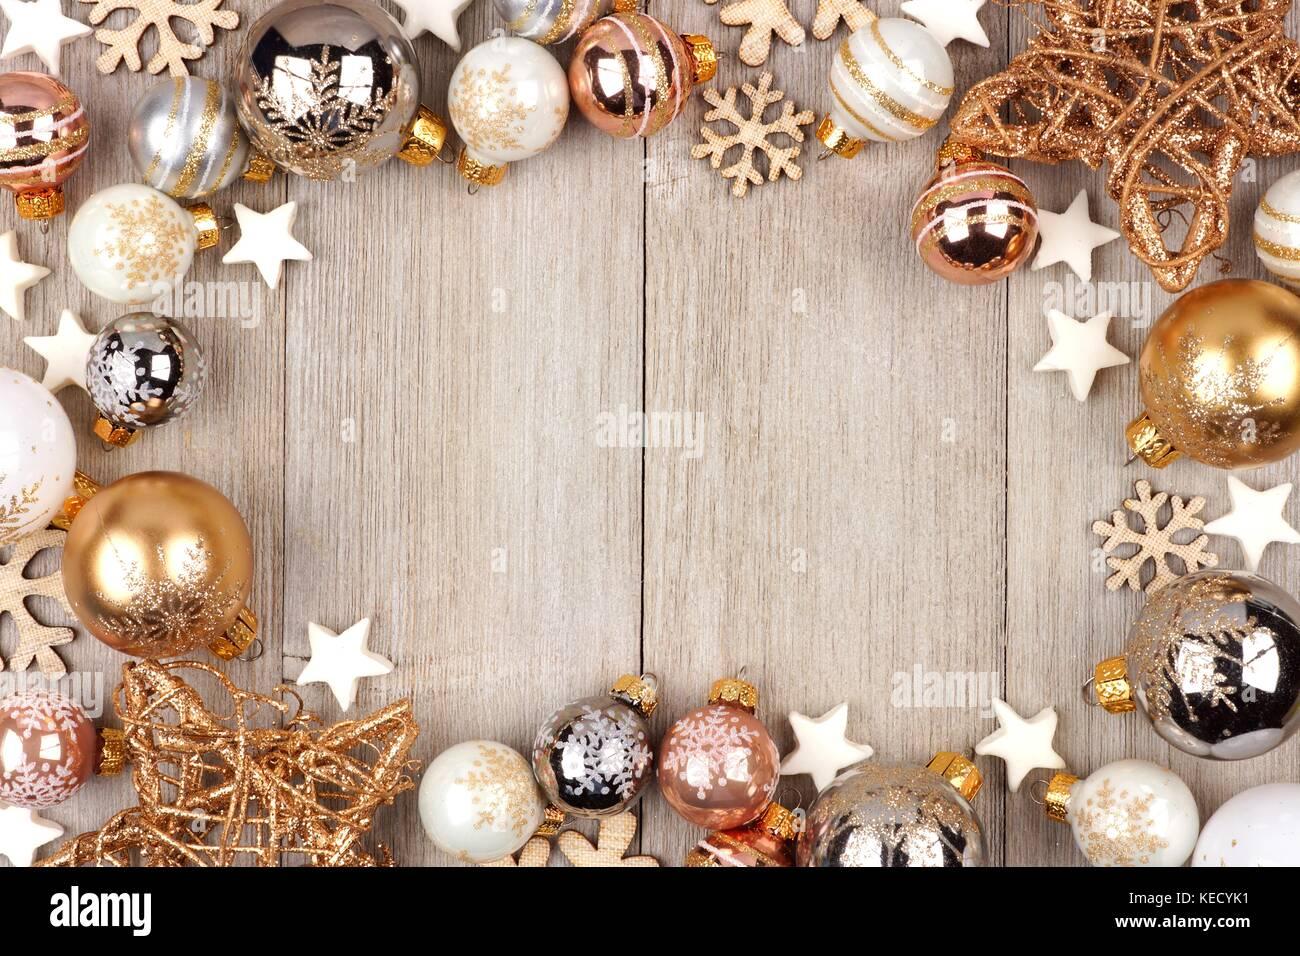 Weihnachten Rahmen mit weißen und goldenen Verzierungen auf eine ...